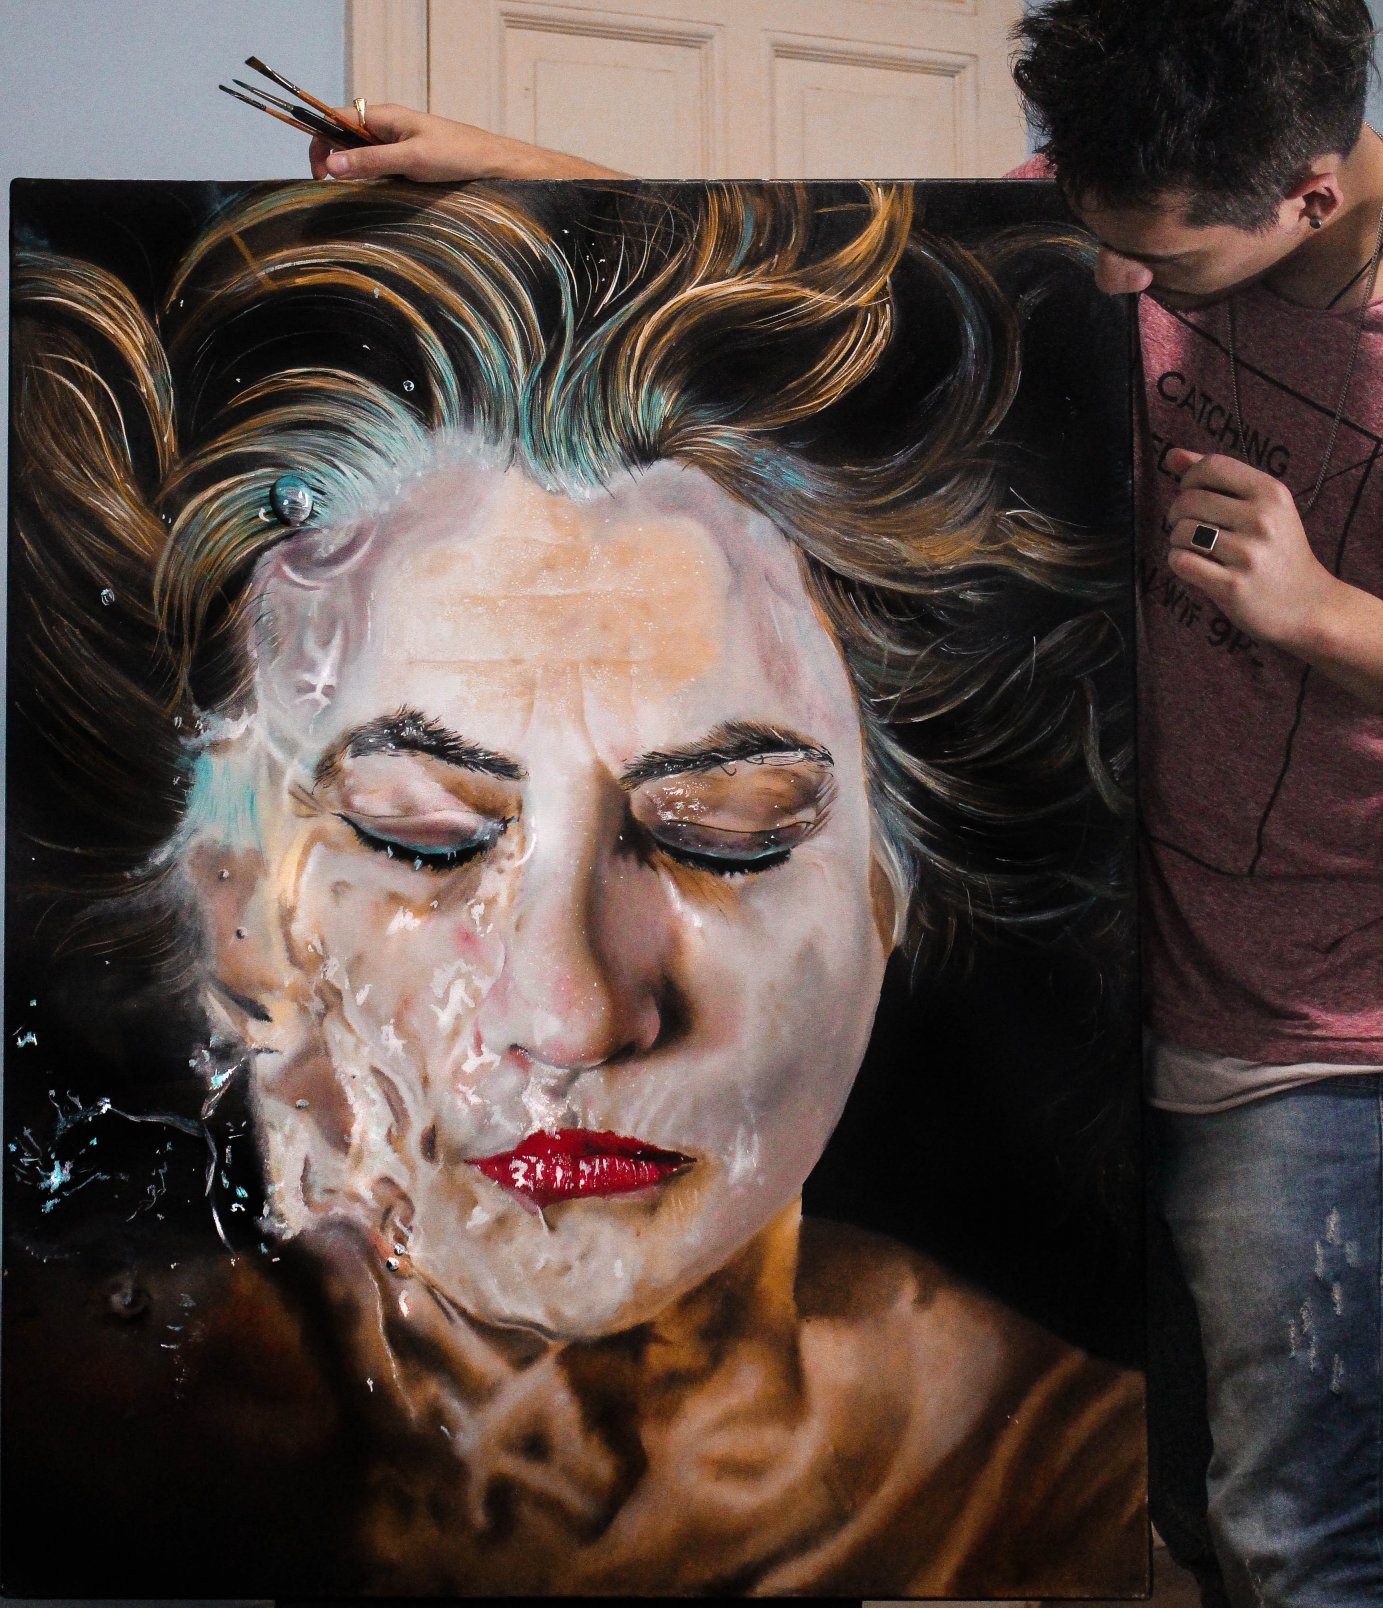 La dama en el agua (2017) - Pablo Quinteiro - Vq